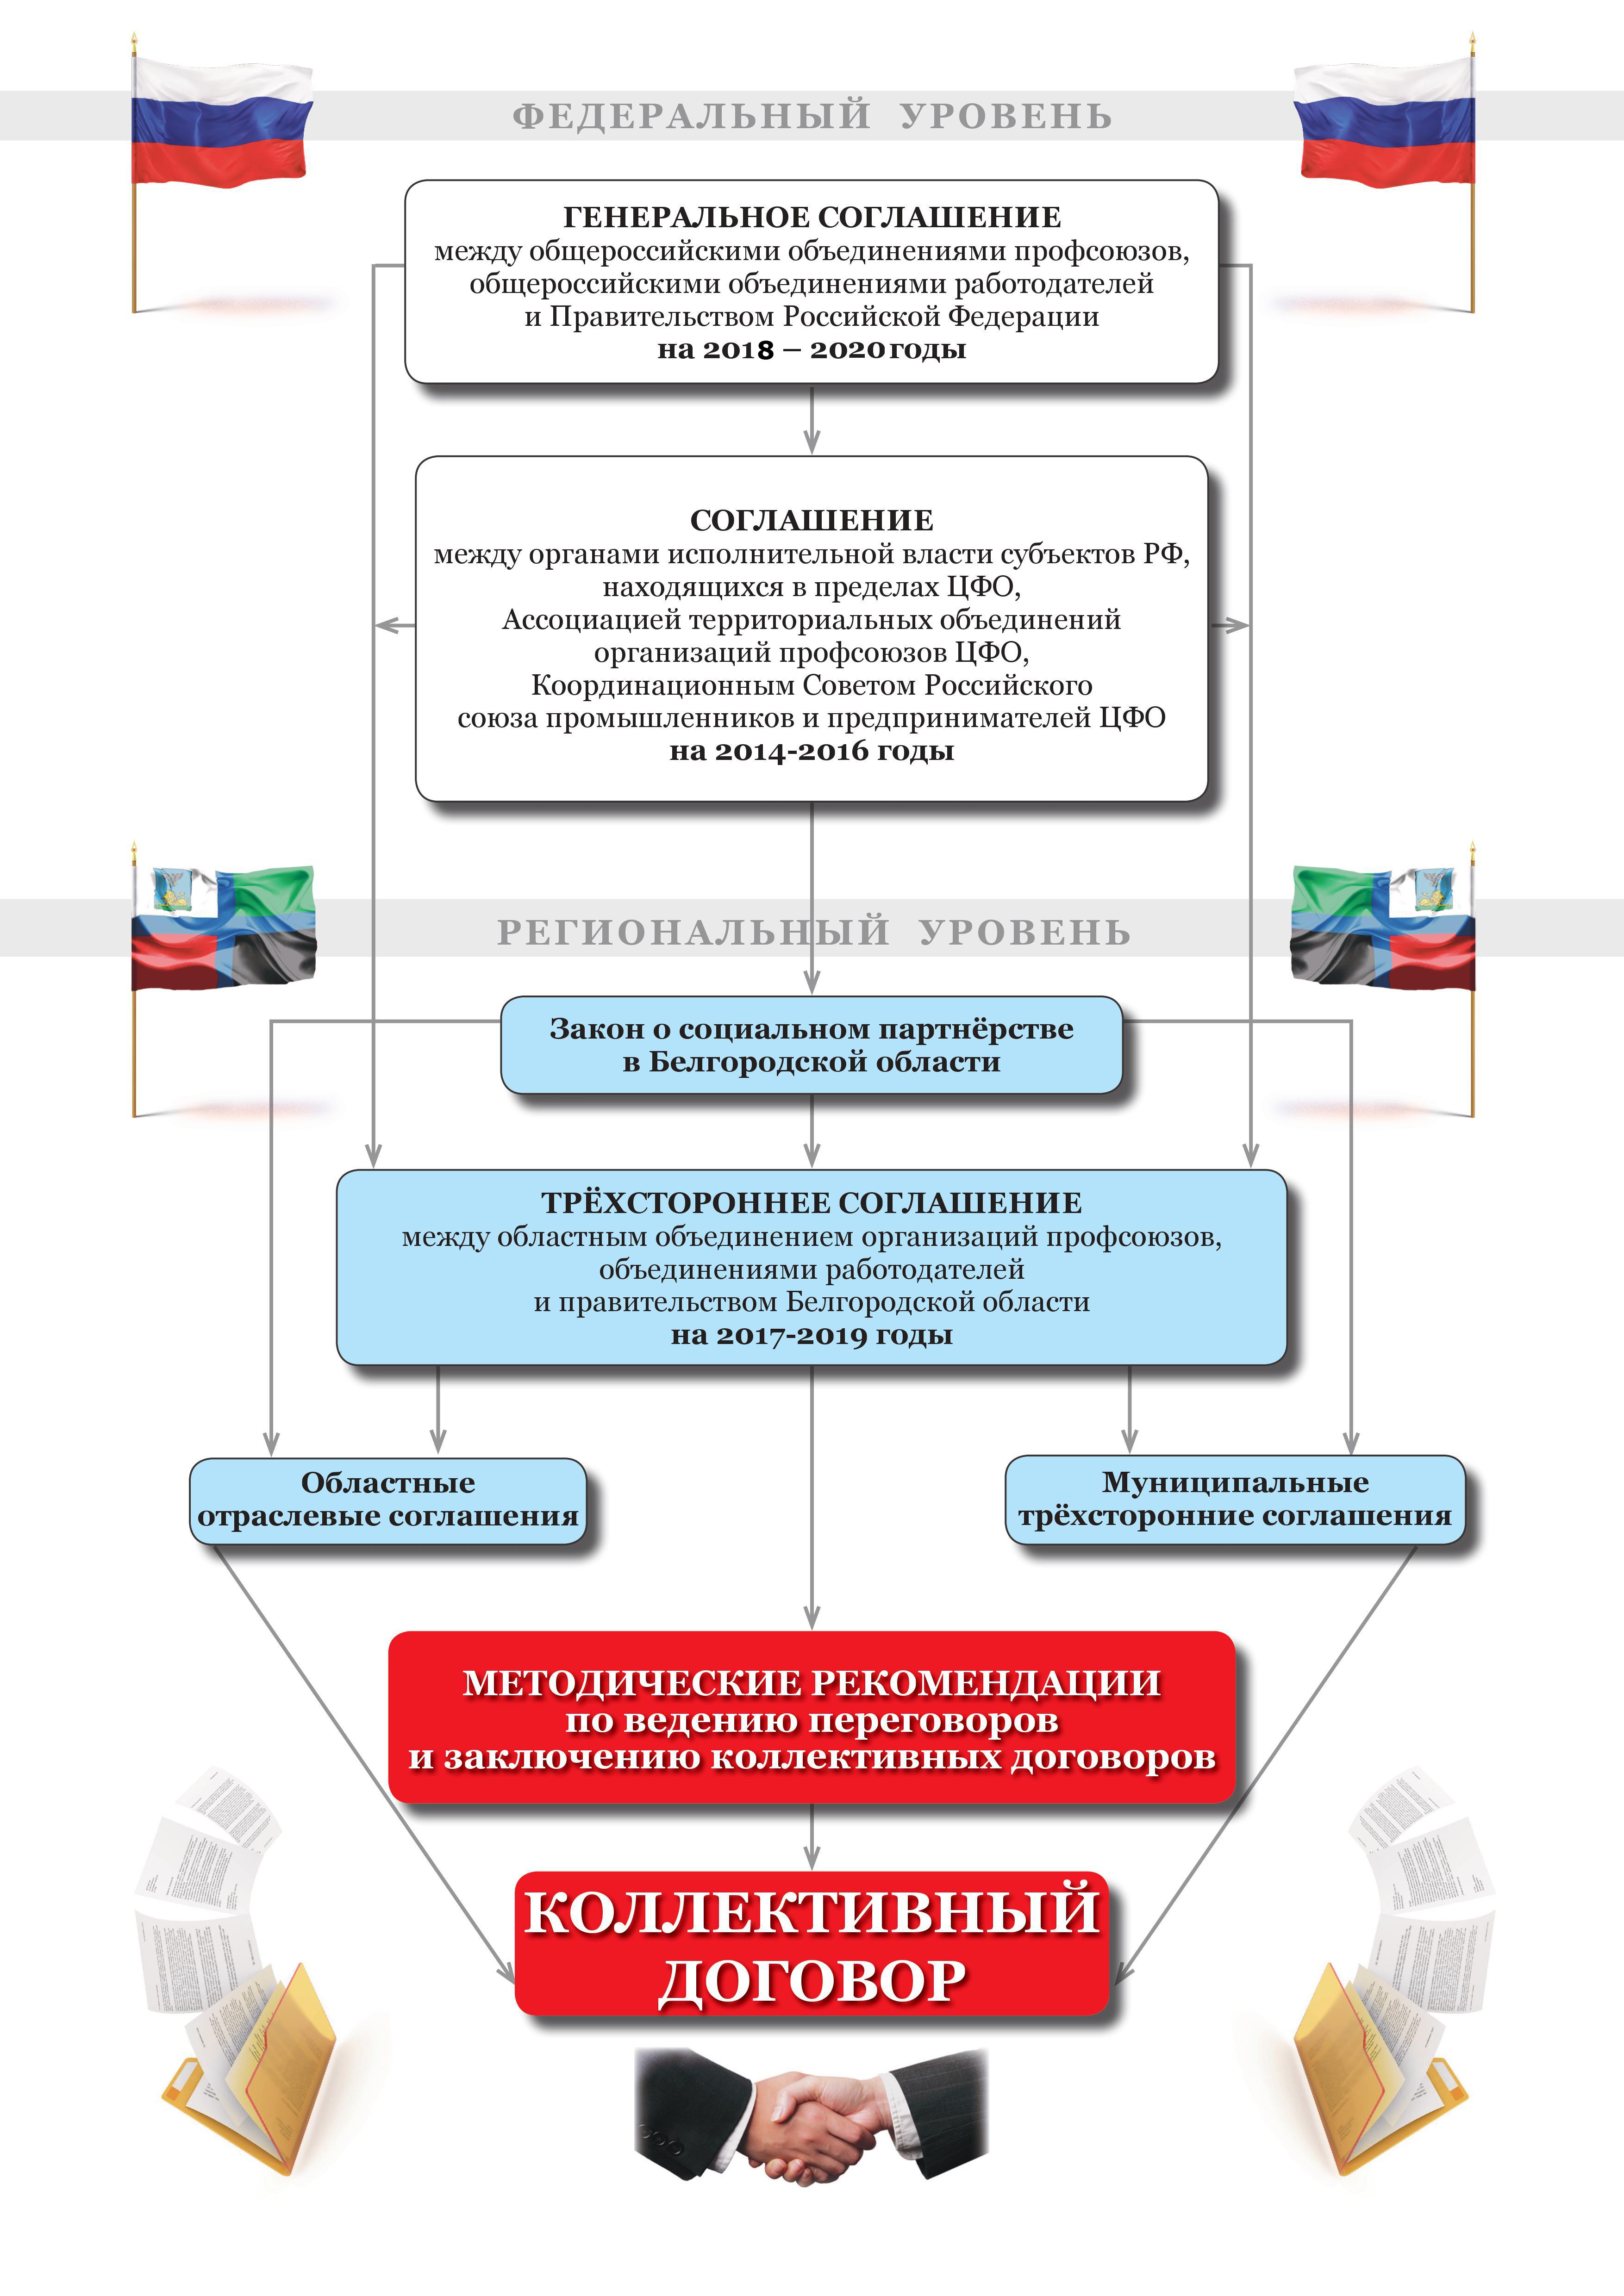 Социальное партнерство: уровень развития в 2020 году